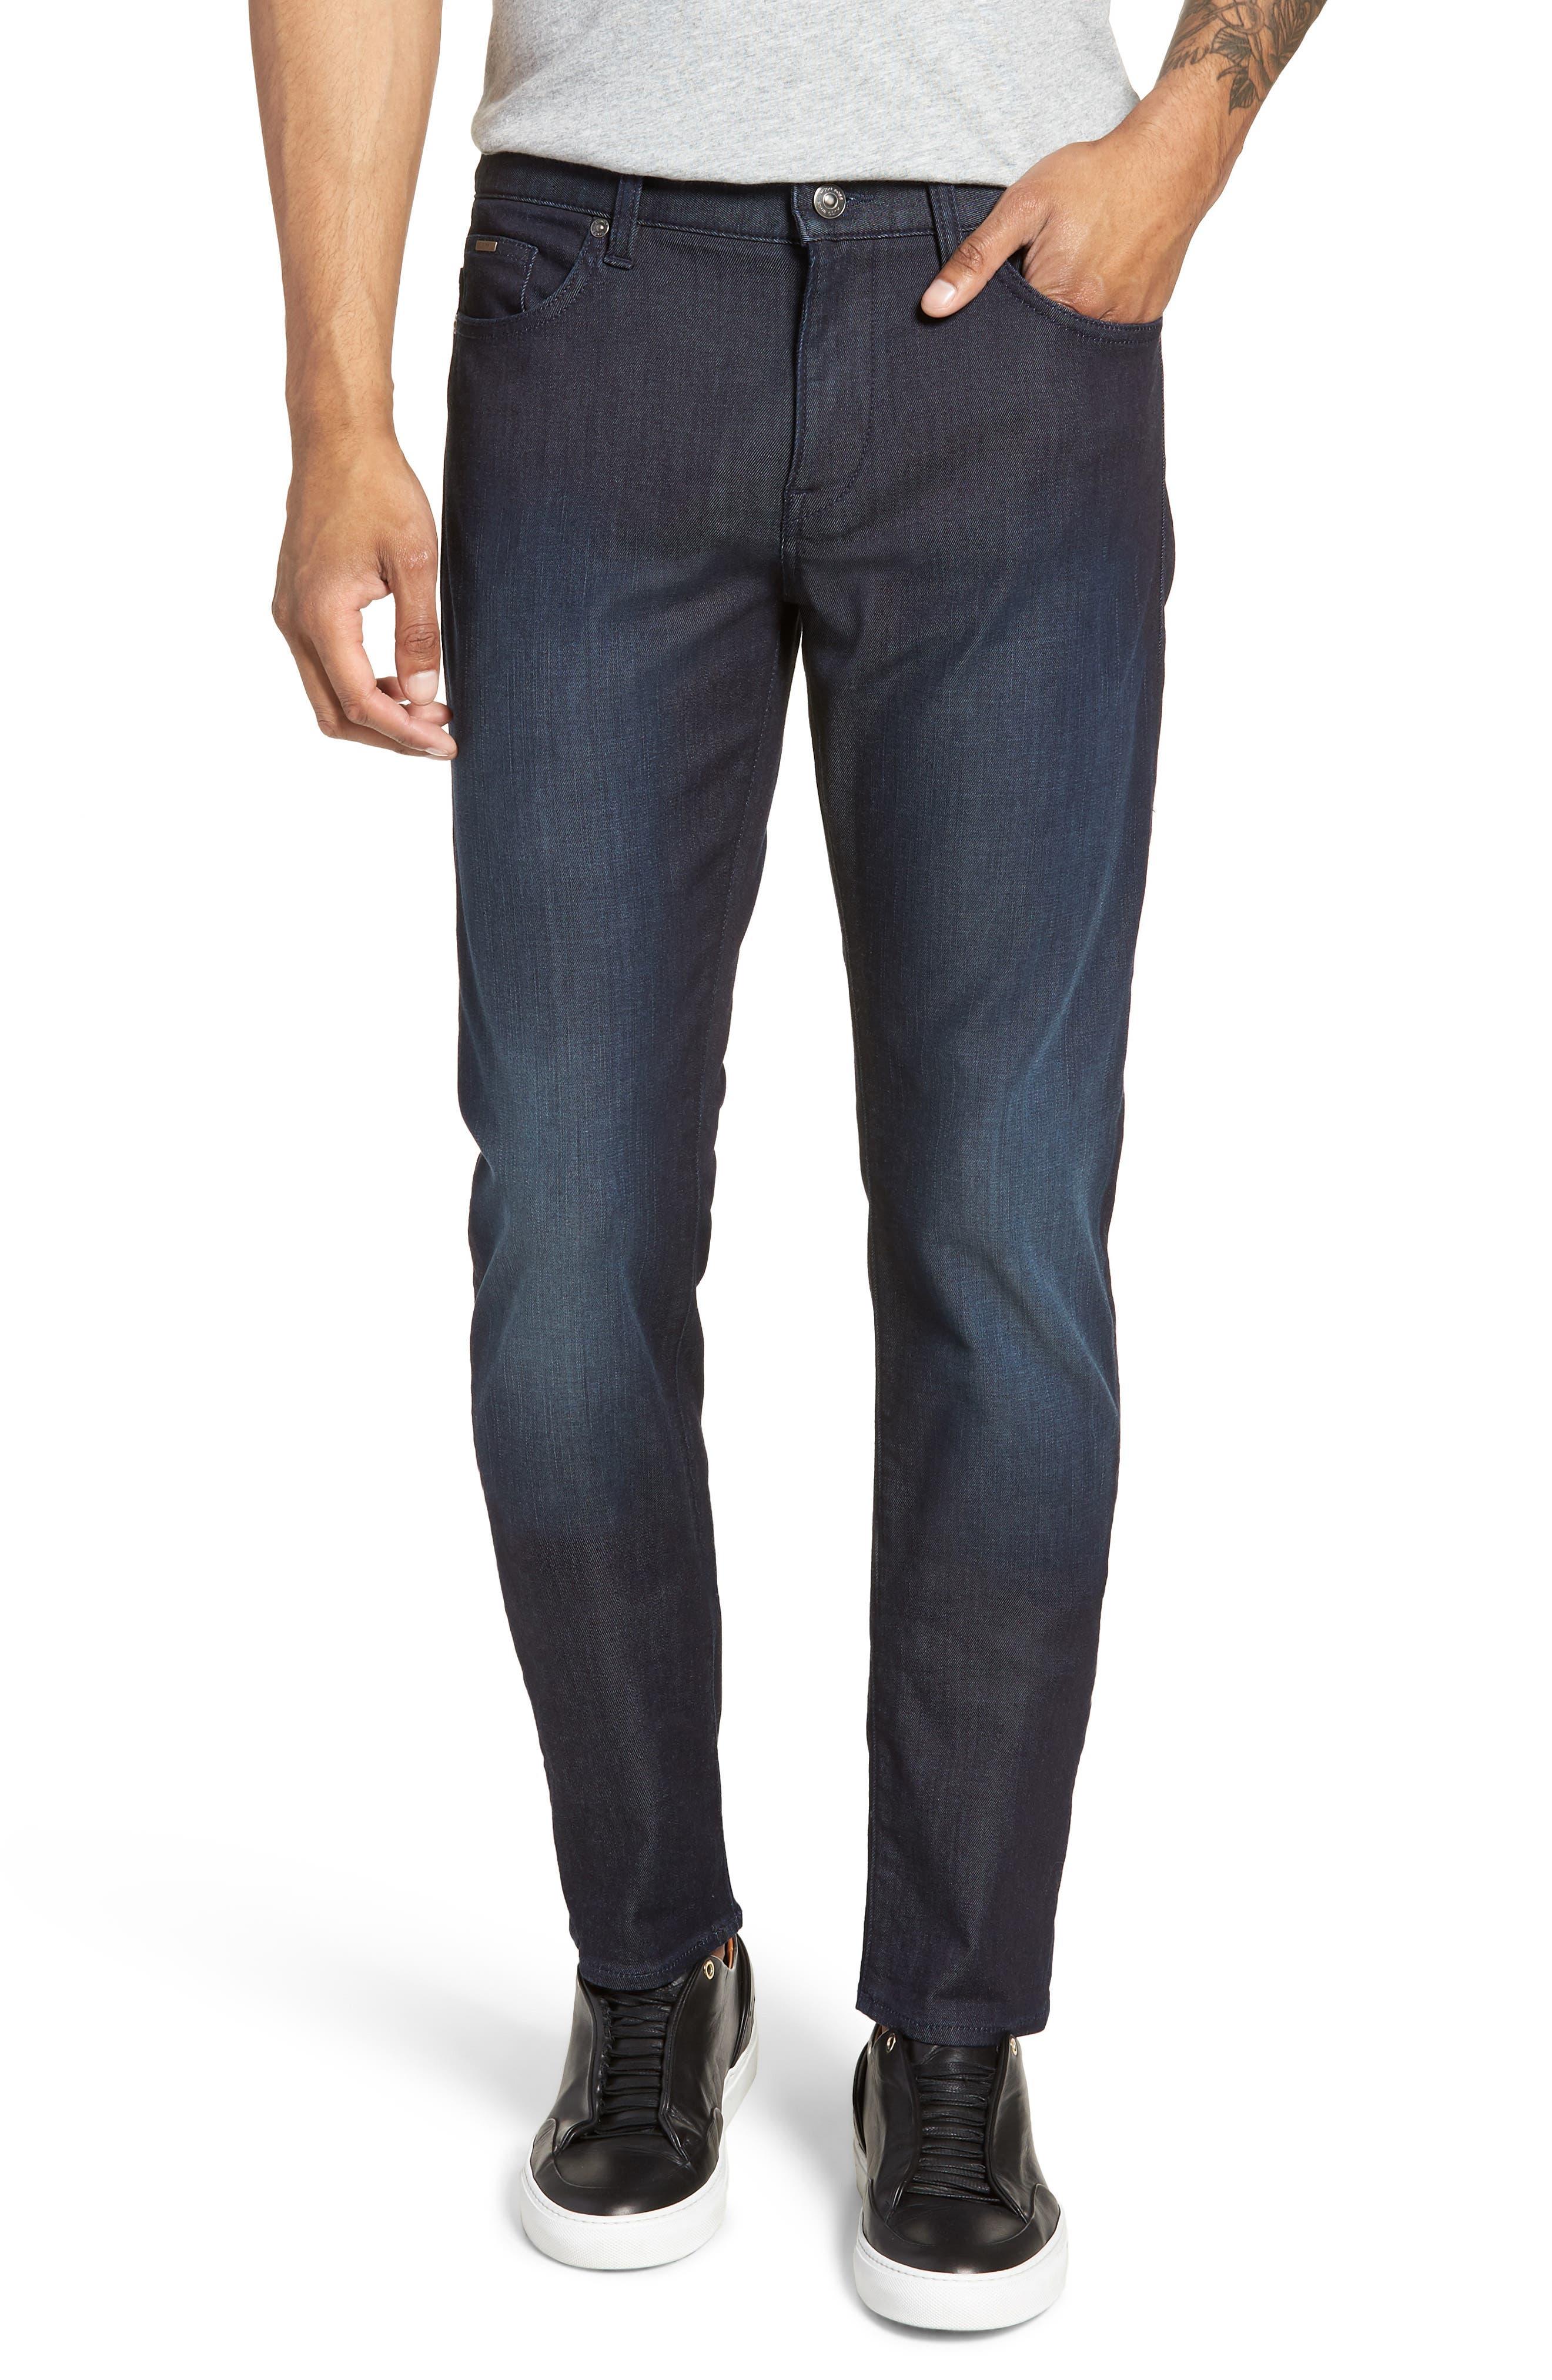 Delaware Slim Fit Jeans,                             Main thumbnail 1, color,                             Blue